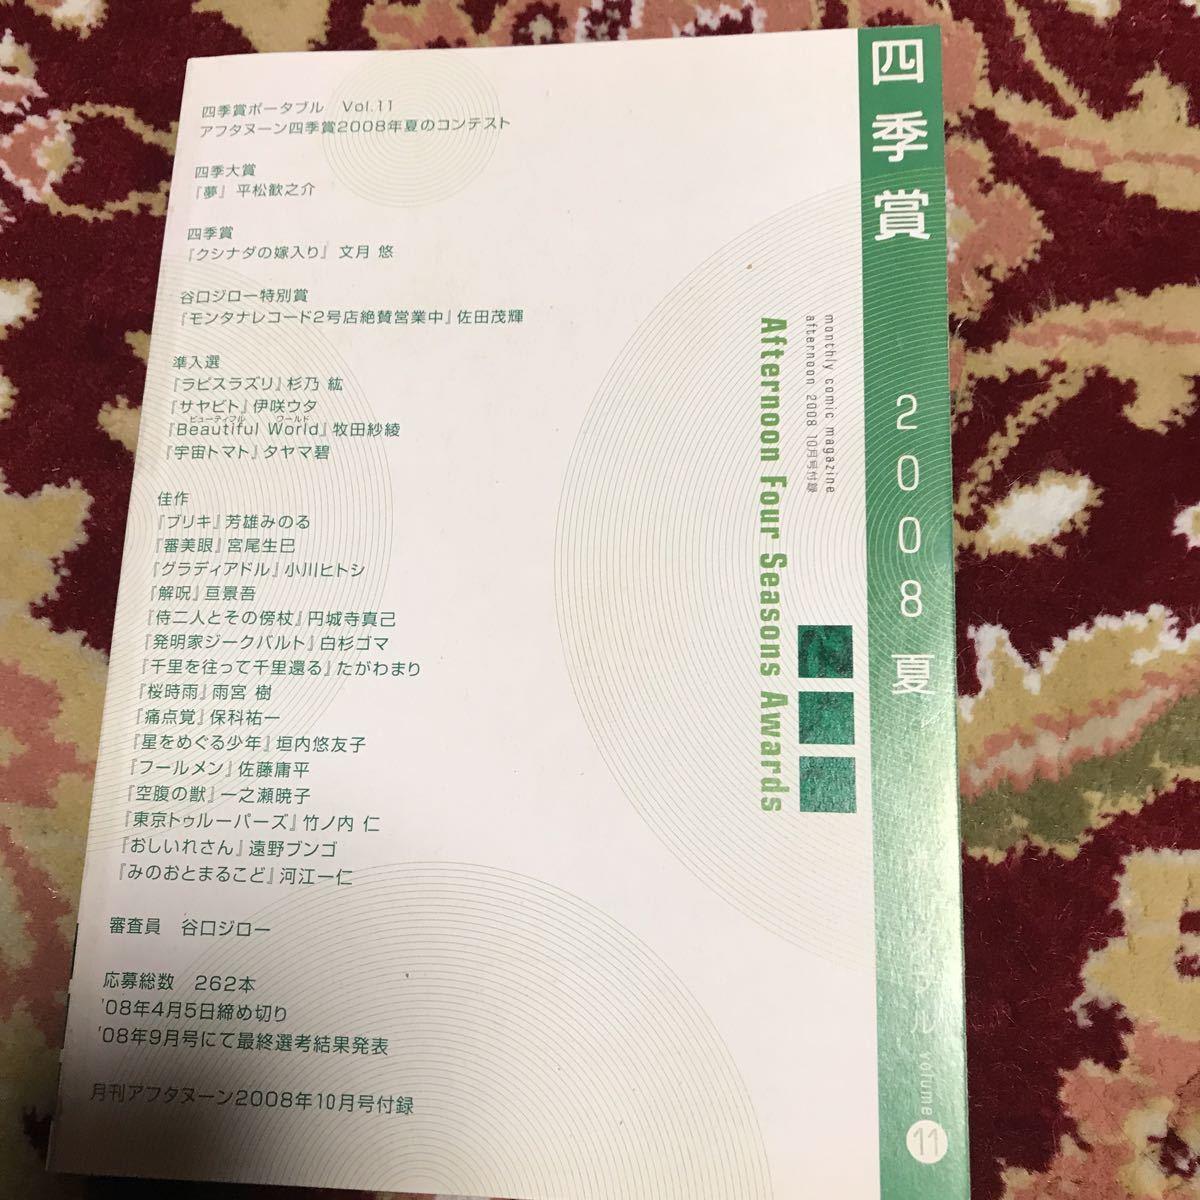 雑誌アフタヌーン2008年10月号付録冊子四季賞2008夏ポータブルVol.11のみ_画像2